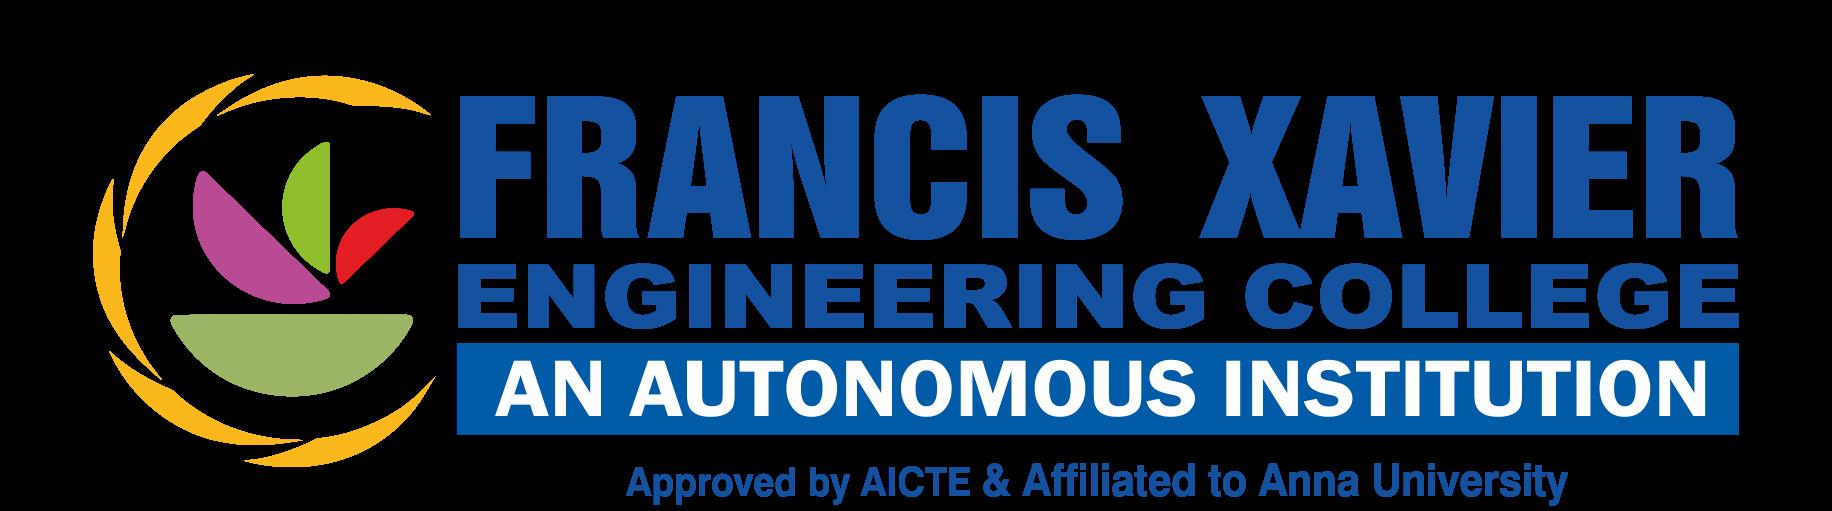 Francis Xavier Engineering College - Best Engineering College